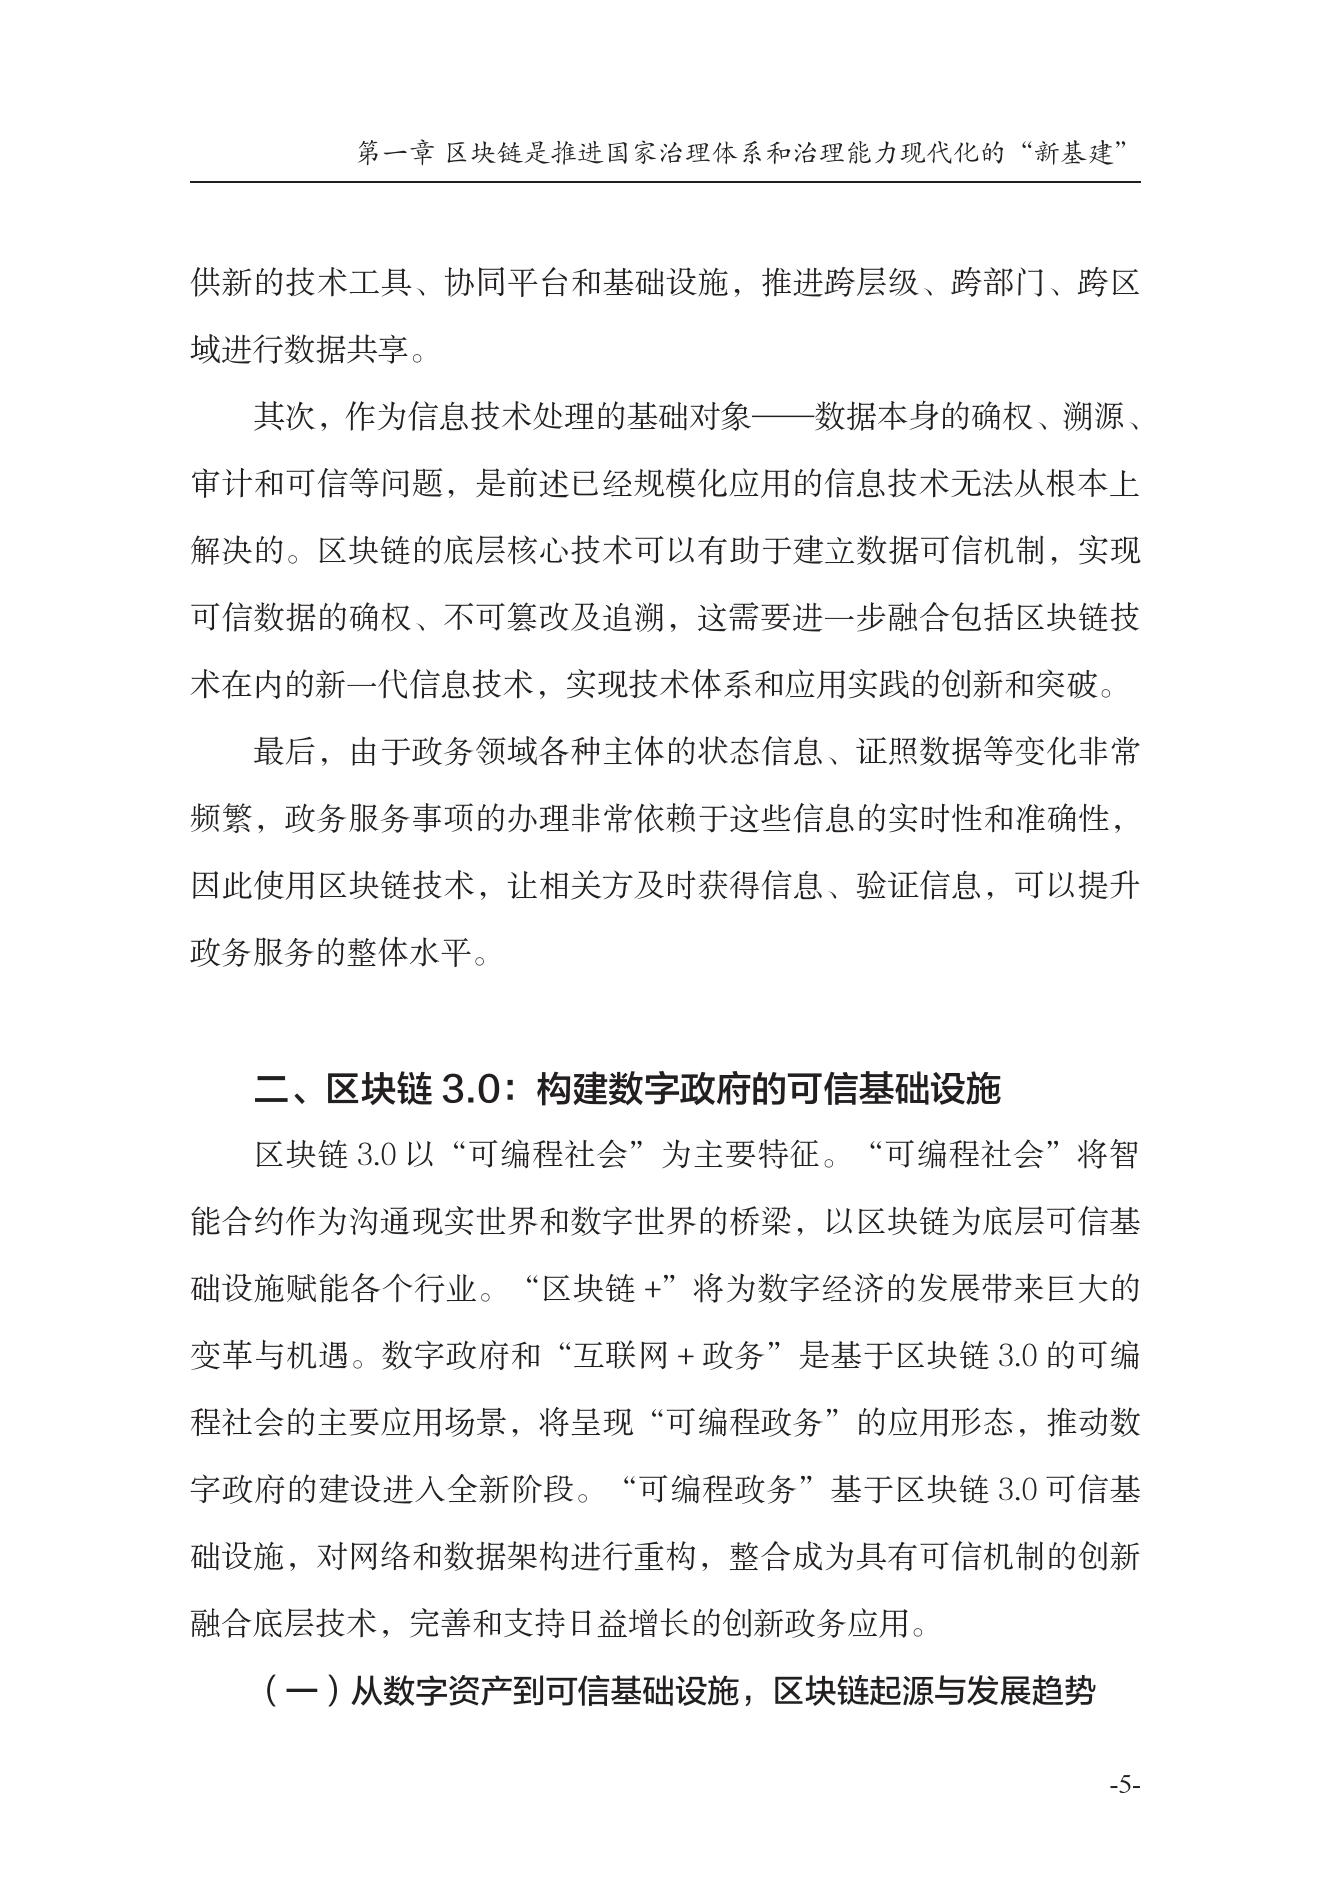 北京市政务服务领域区块链应用创新蓝皮书(可下载报告)插图(15)